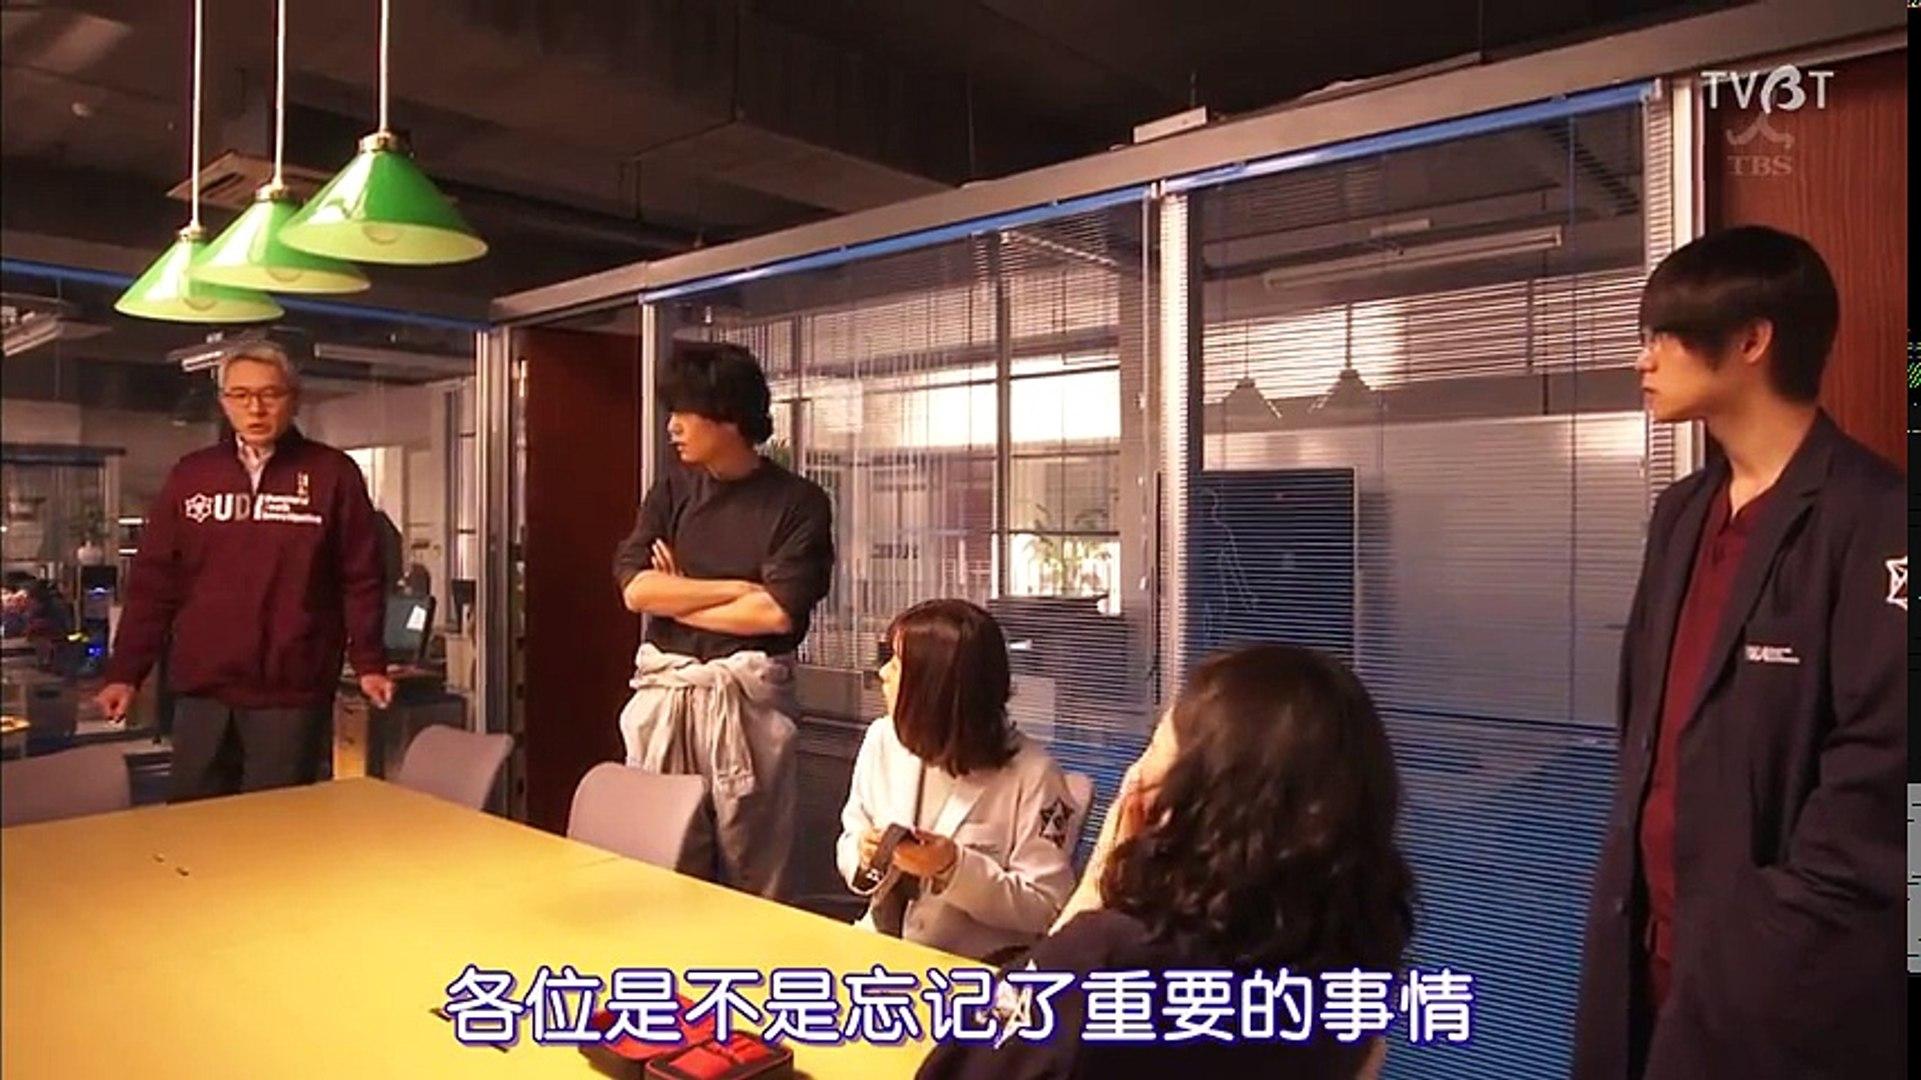 アン ナチュラル 9 話 dailymotion